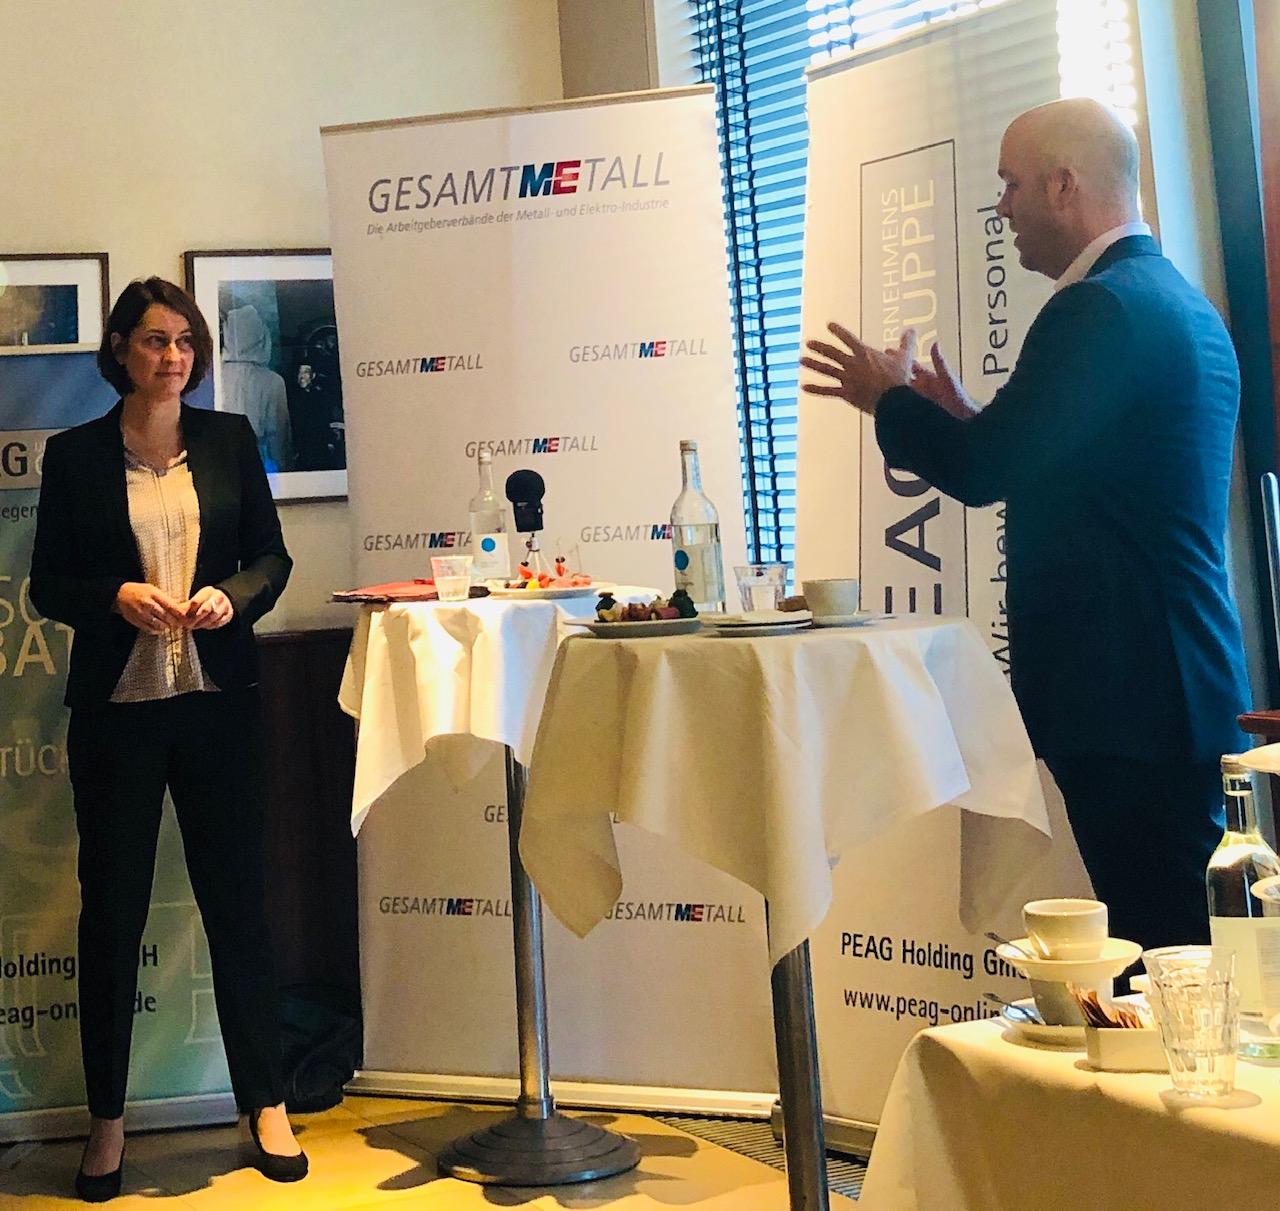 Leonie Gebers (Staatssekretärin, Bundesministerium für Arbeit und Soziales - BMAS) und Professor Marcel Fratzscher (Präsident, Deutsches Institut für Wirtschaftsforschung - DIW)